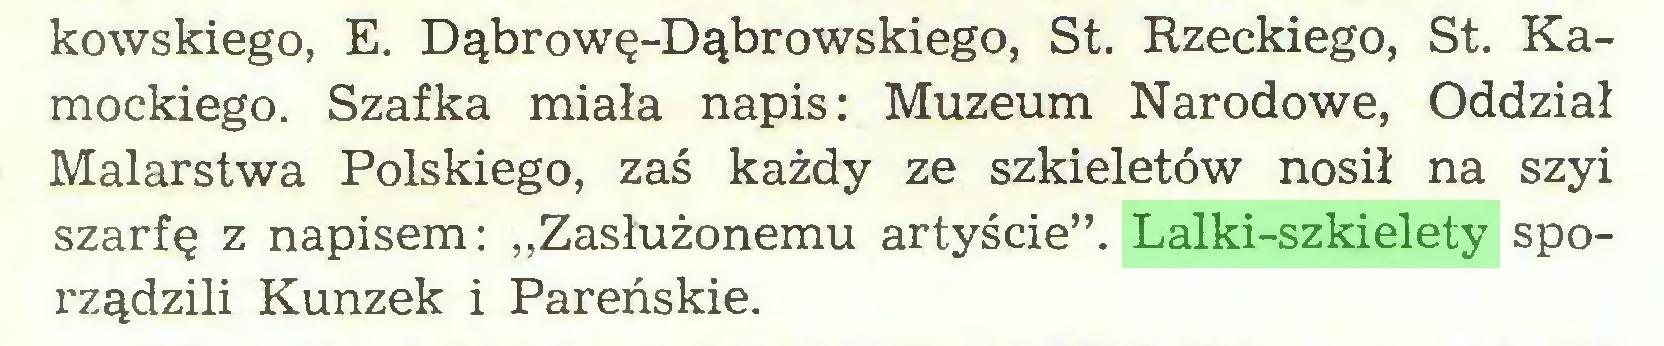 """(...) kowskiego, E. Dąbrowę-Dąbrowskiego, St. Rzeckiego, St. Kamockiego. Szafka miała napis: Muzeum Narodowe, Oddział Malarstwa Polskiego, zaś każdy ze szkieletów nosił na szyi szarfę z napisem: """"Zasłużonemu artyście"""". Lalki-szkielety sporządzili Kunzek i Pareńskie..."""